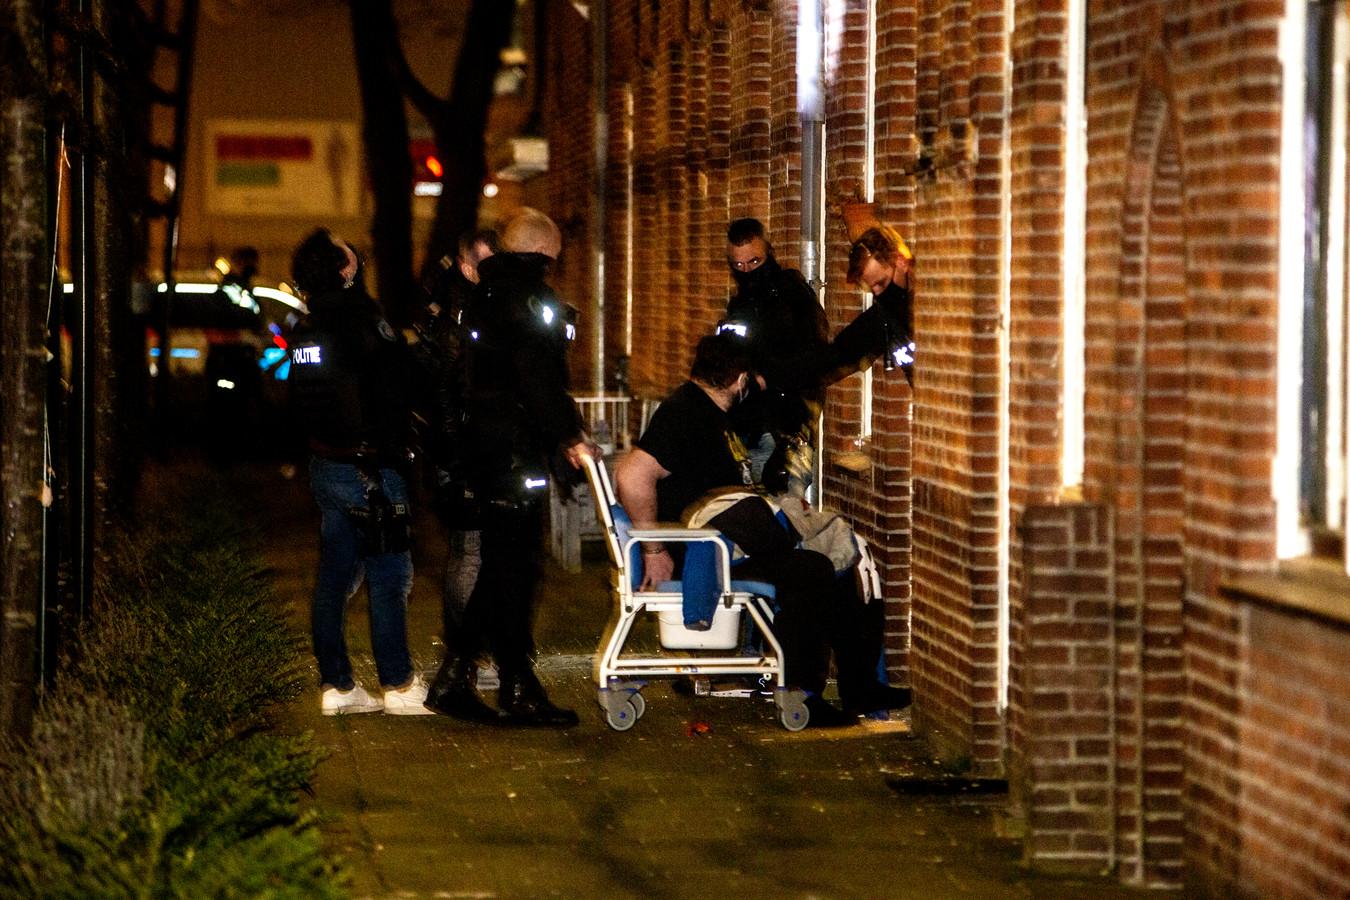 De 39-jarige Dordtenaar werd in een rolstoel zijn woning uit gereden.